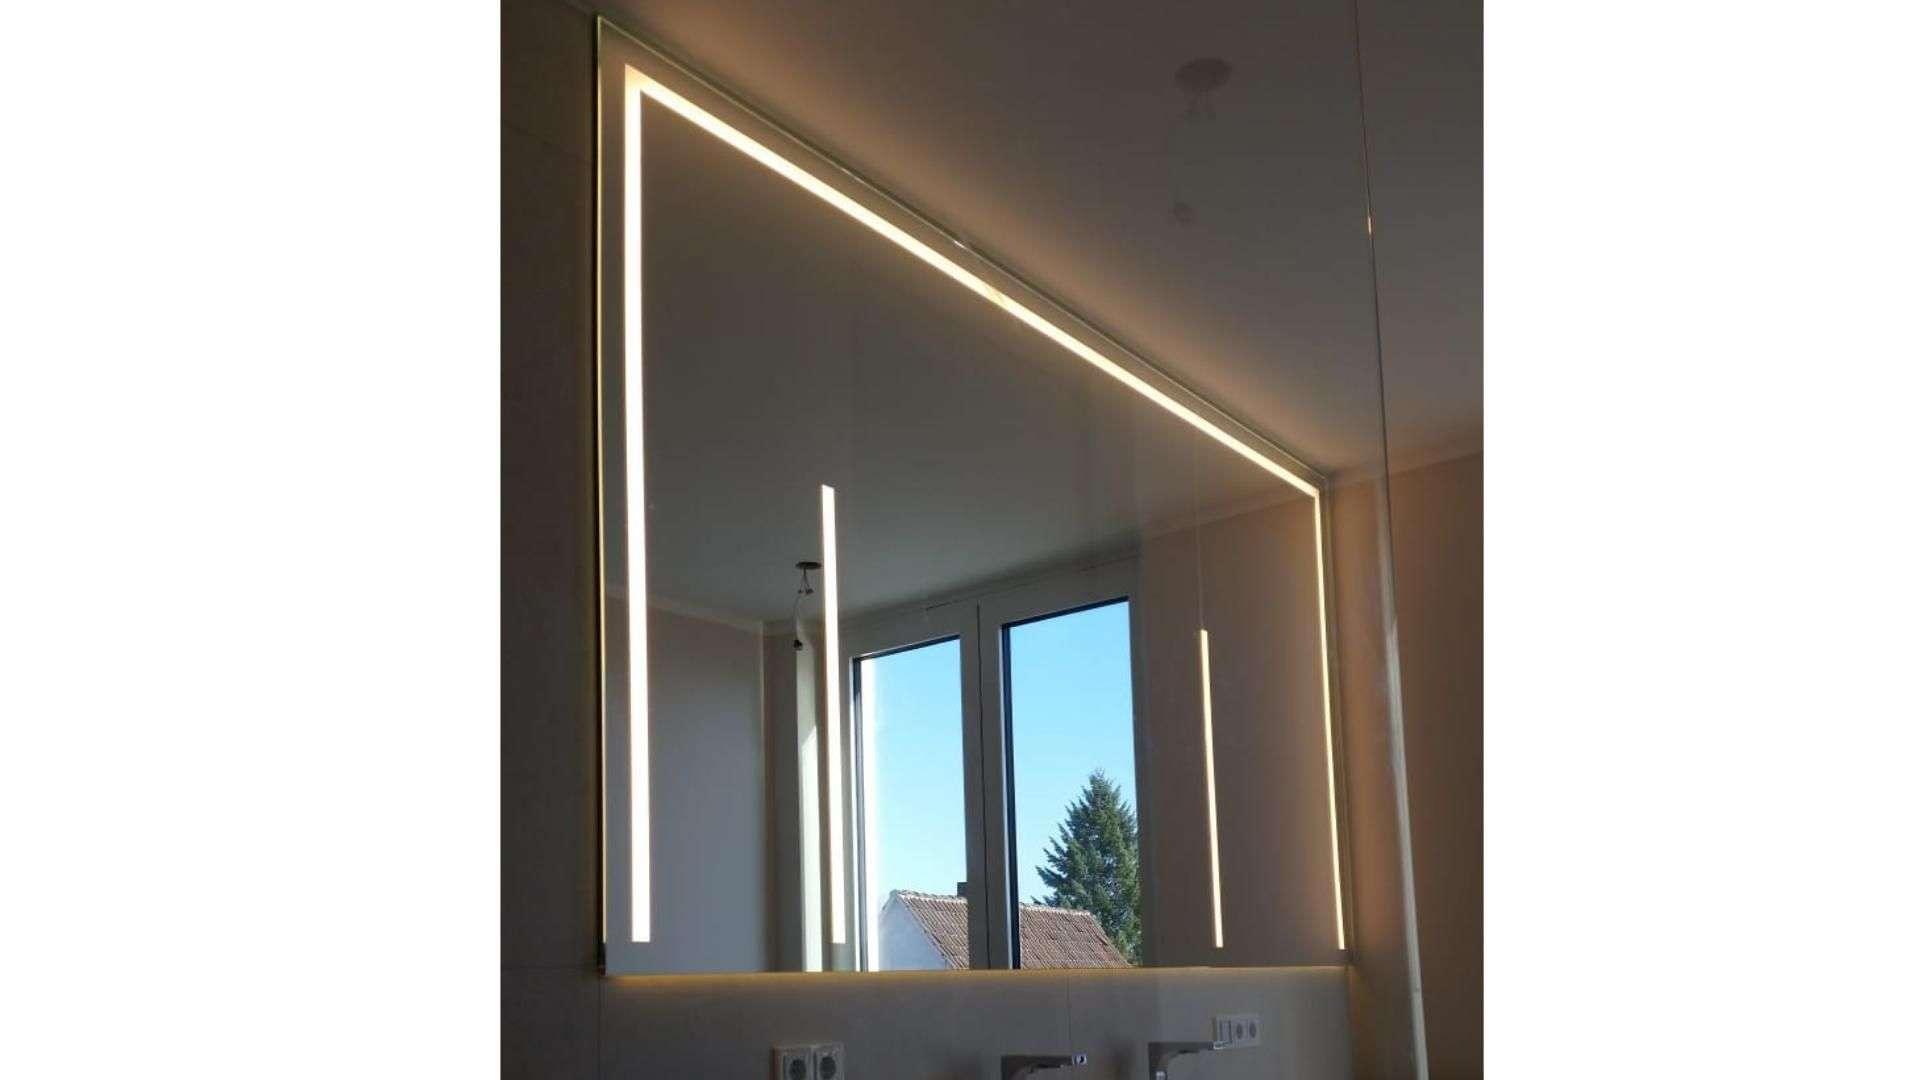 Spiegel mit integrierter Beleuchtung